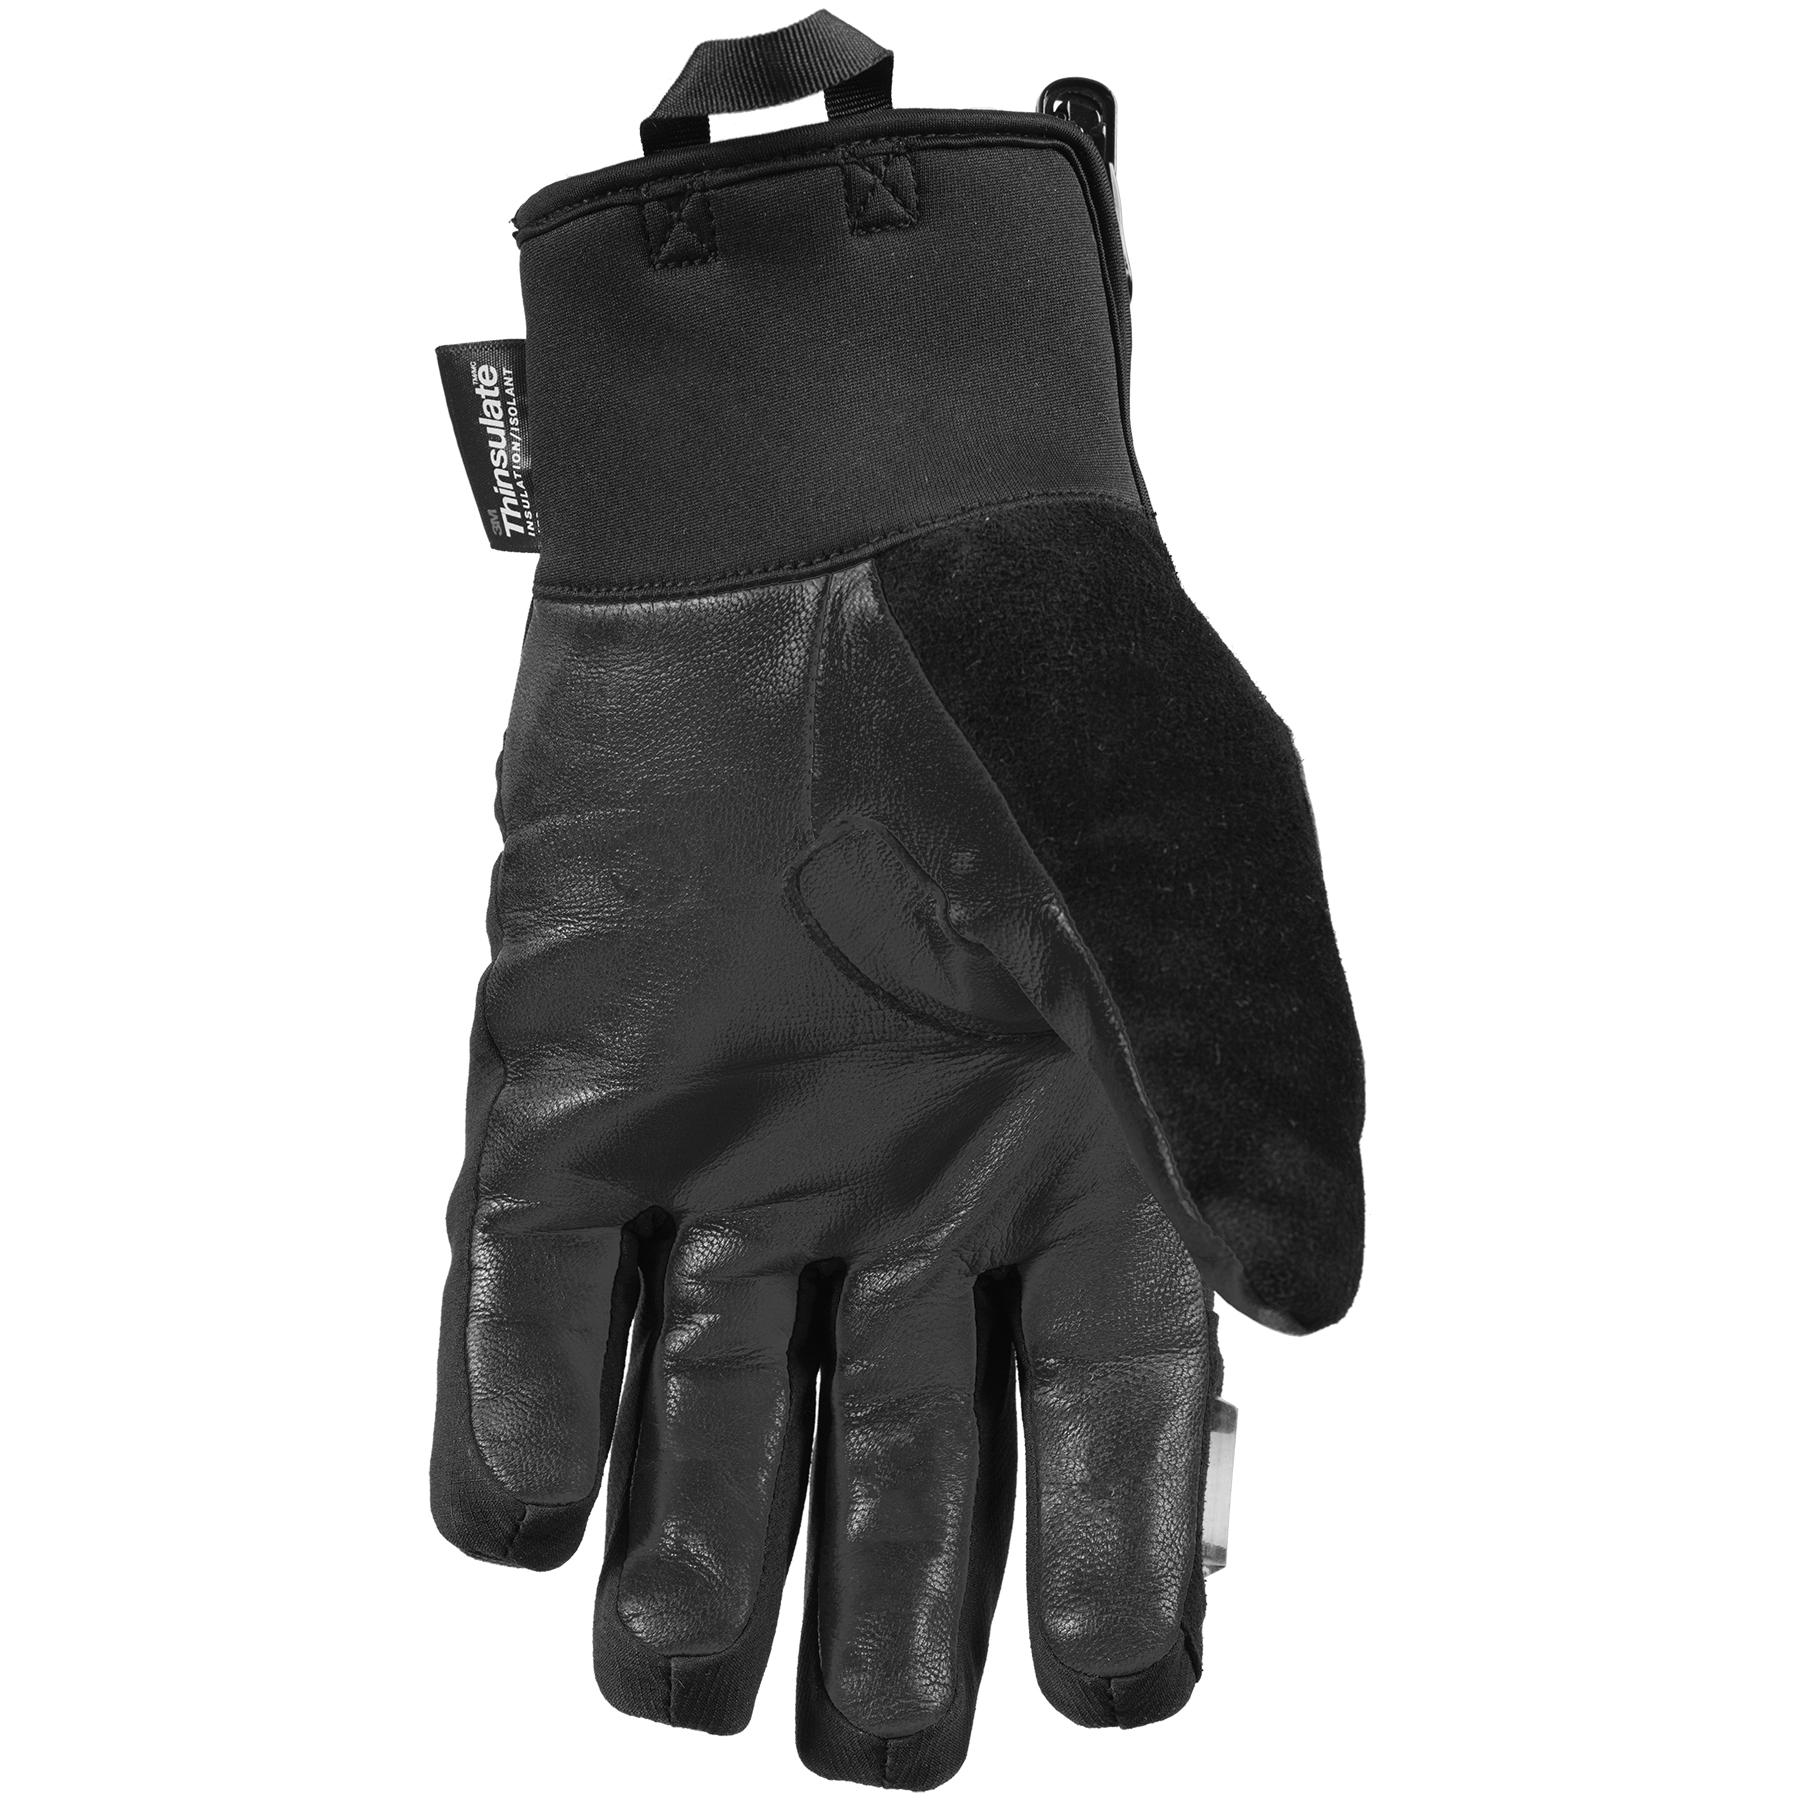 FXR-Transfer-Short-Cuff-Snowmobile-Glove-Black miniature 4